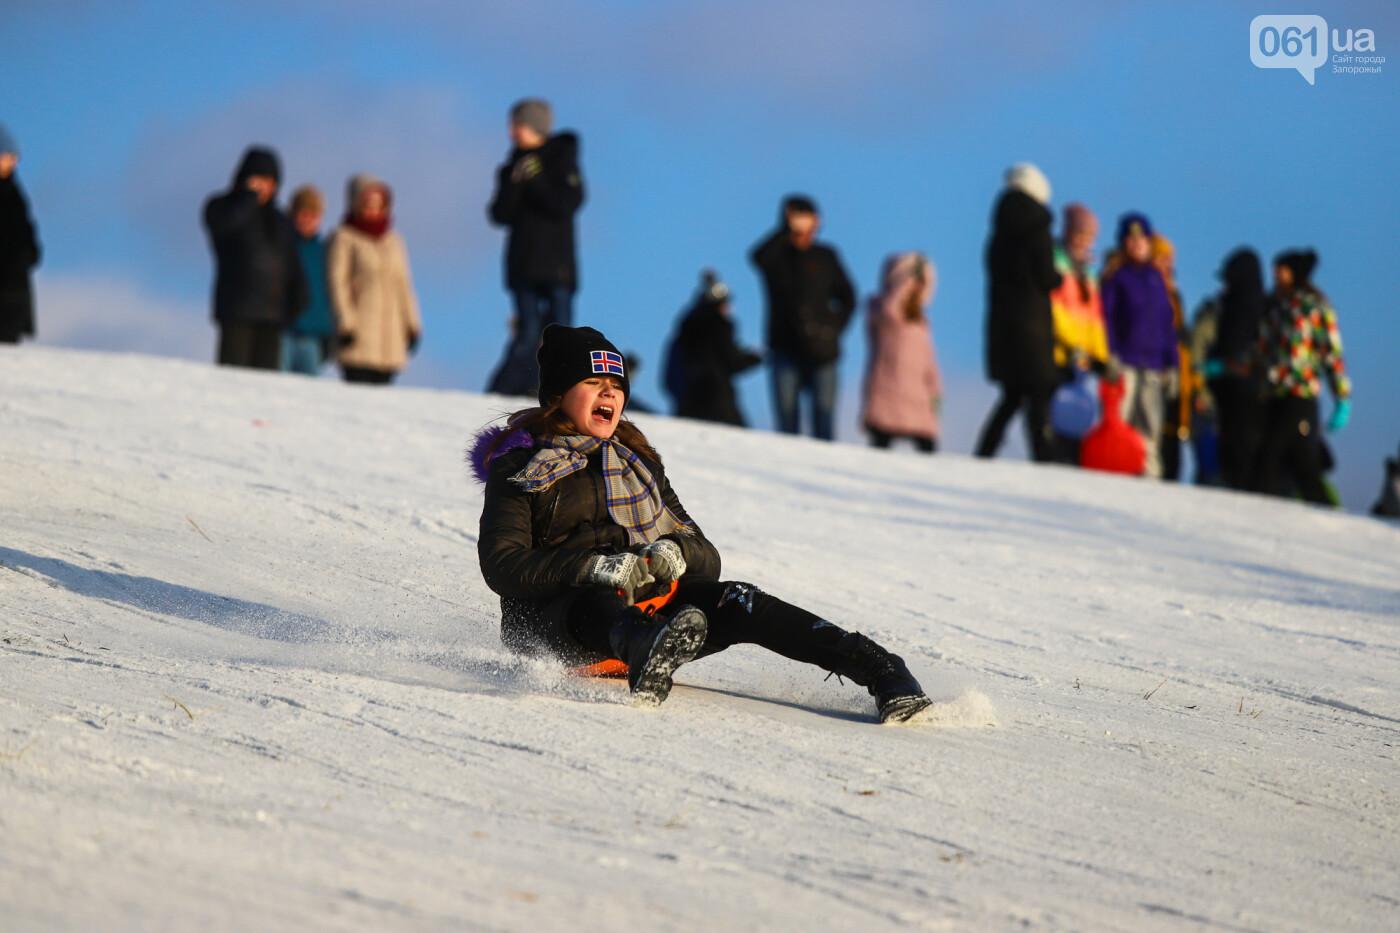 На санках, лыжах и сноуборде: запорожцы устроили массовое катание с горок в Вознесеновском парке, - ФОТОРЕПОРТАЖ, фото-48